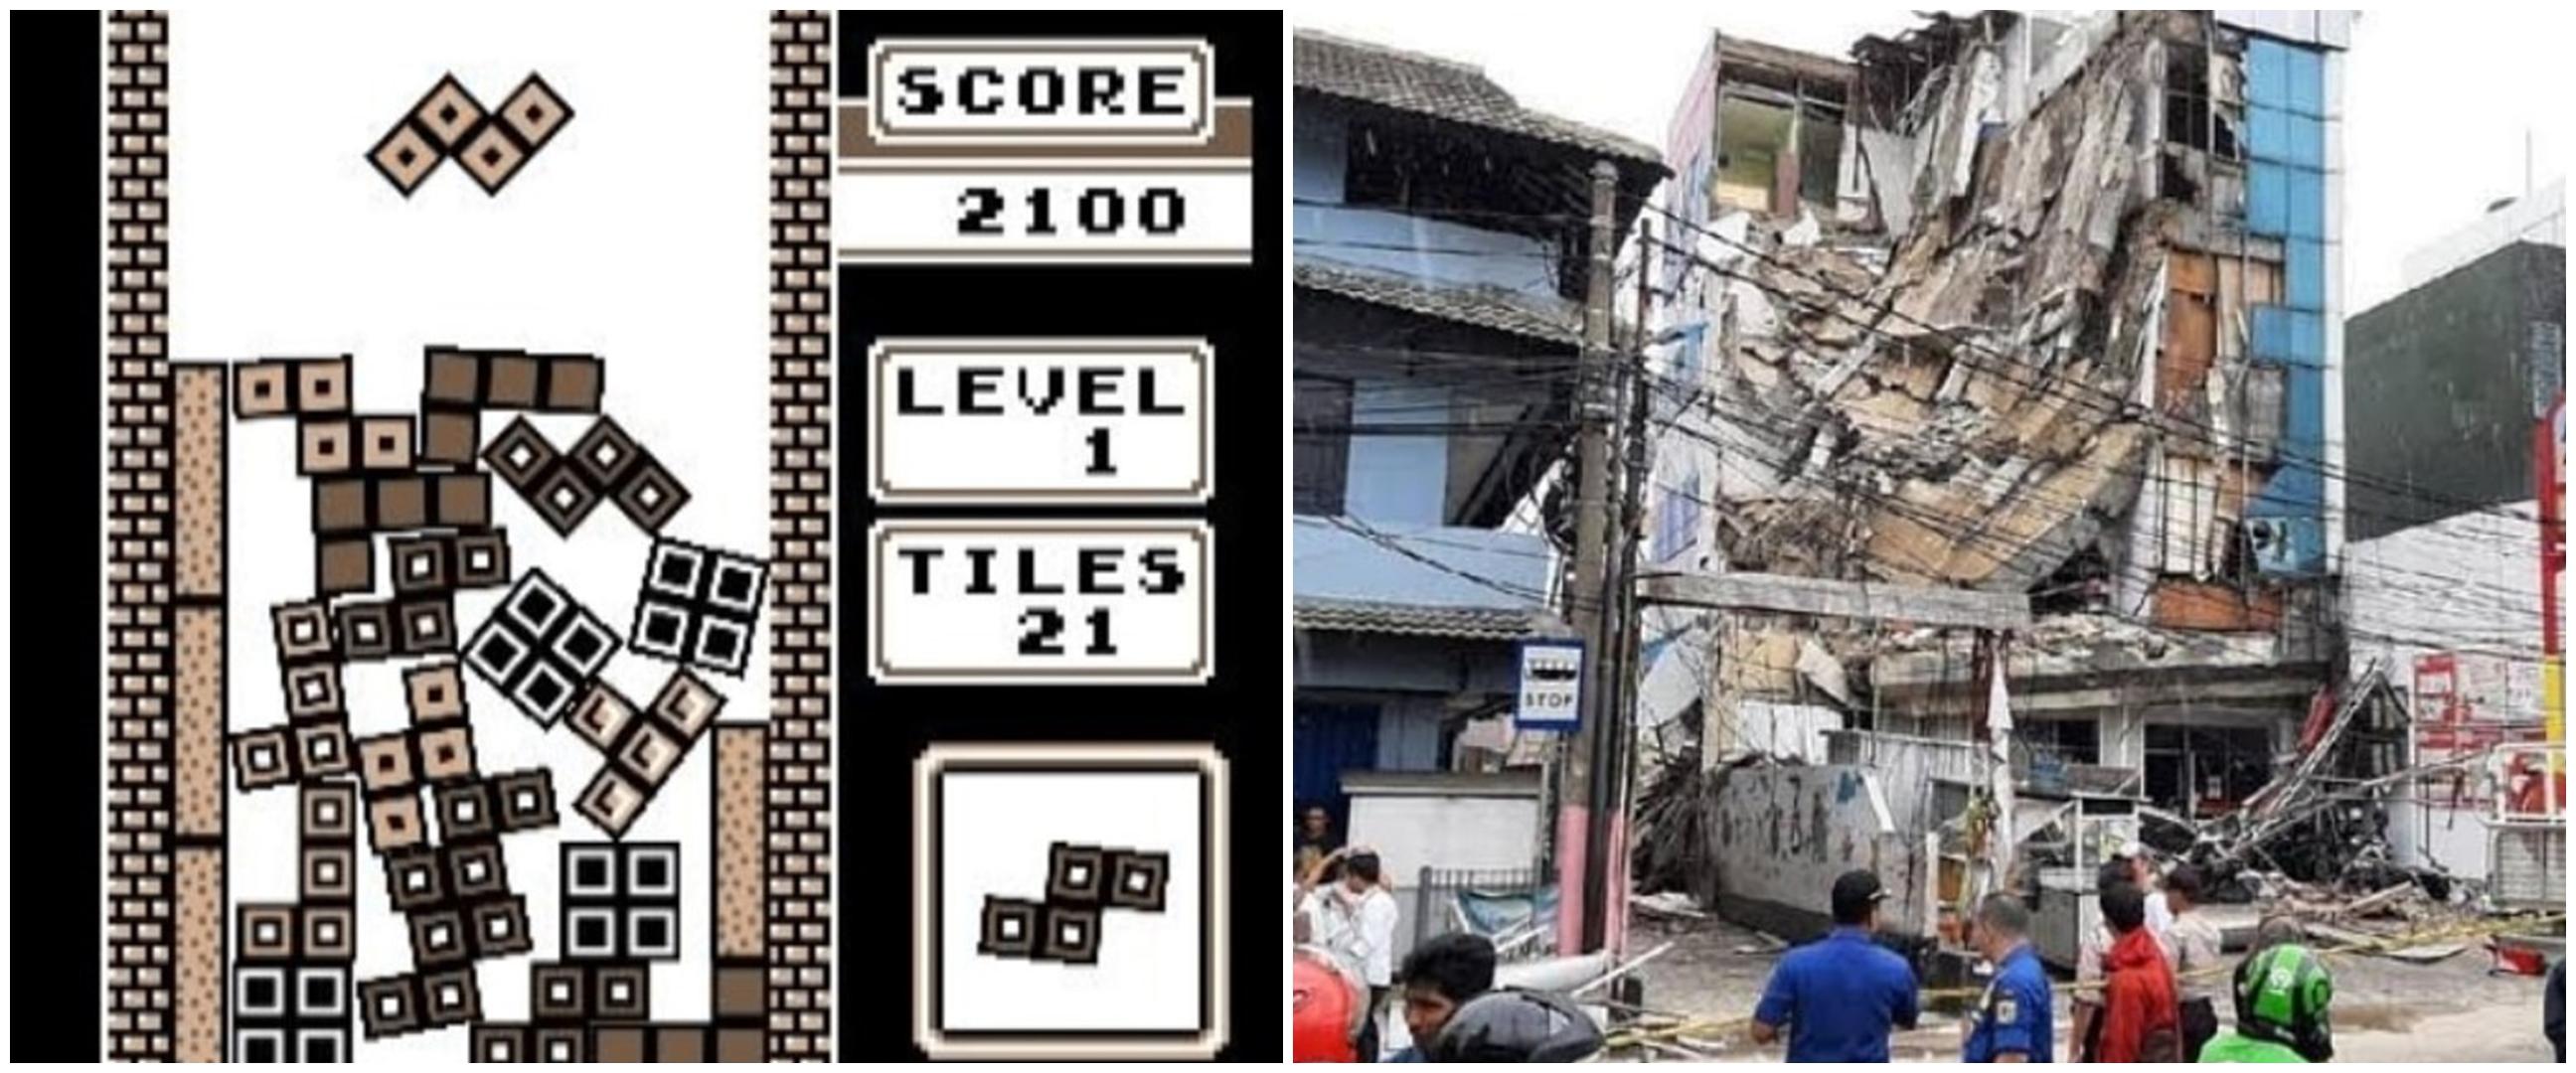 8 Cocoklogi hasil bangunan seperti bermain game, absurd